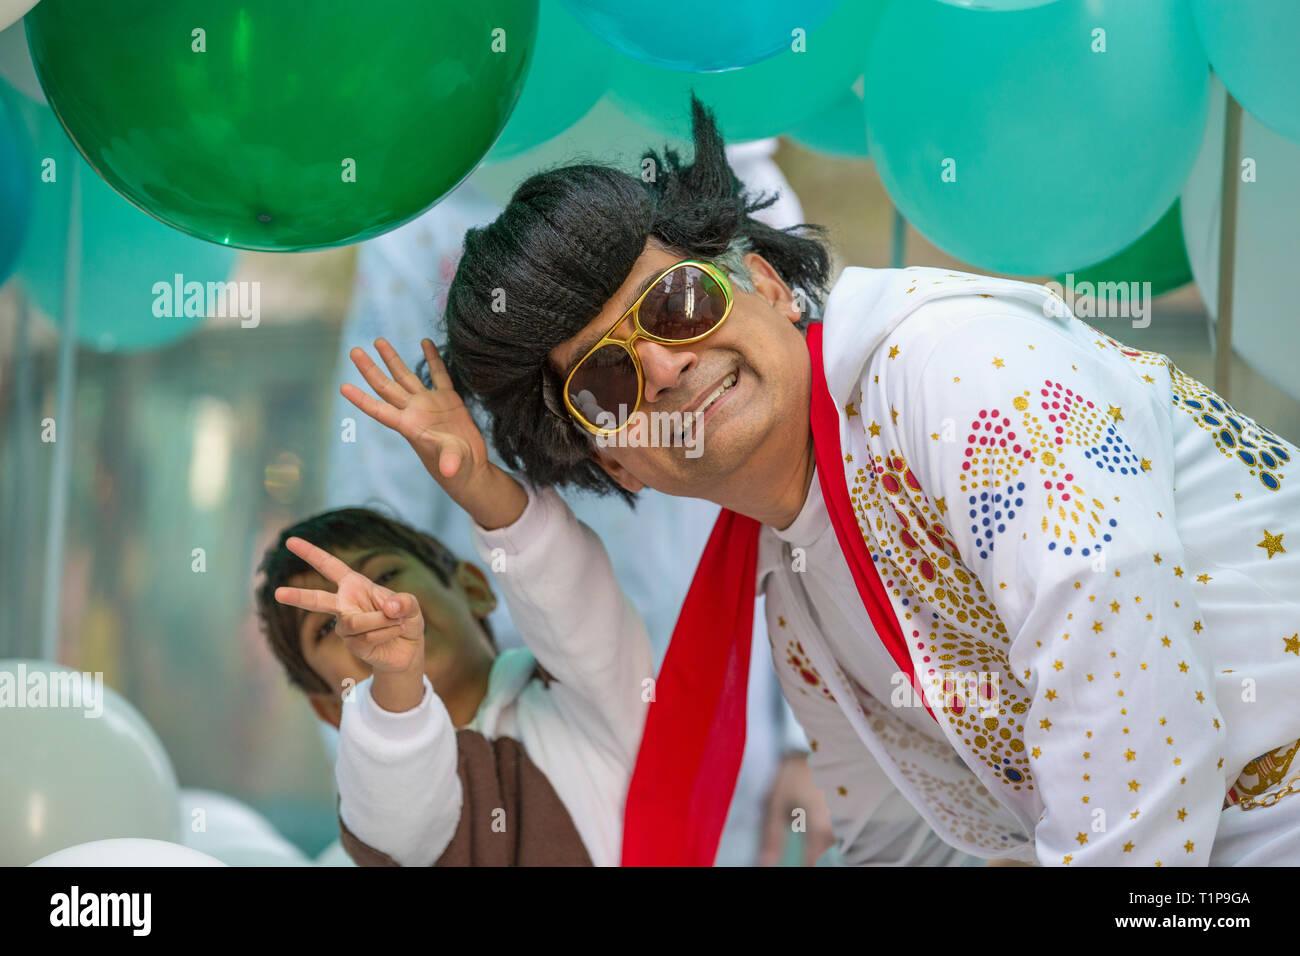 Les rappeurs mardi gras Perruque Rock /'n/' Roll Perruque Elvis Hommes Perruque Noirs